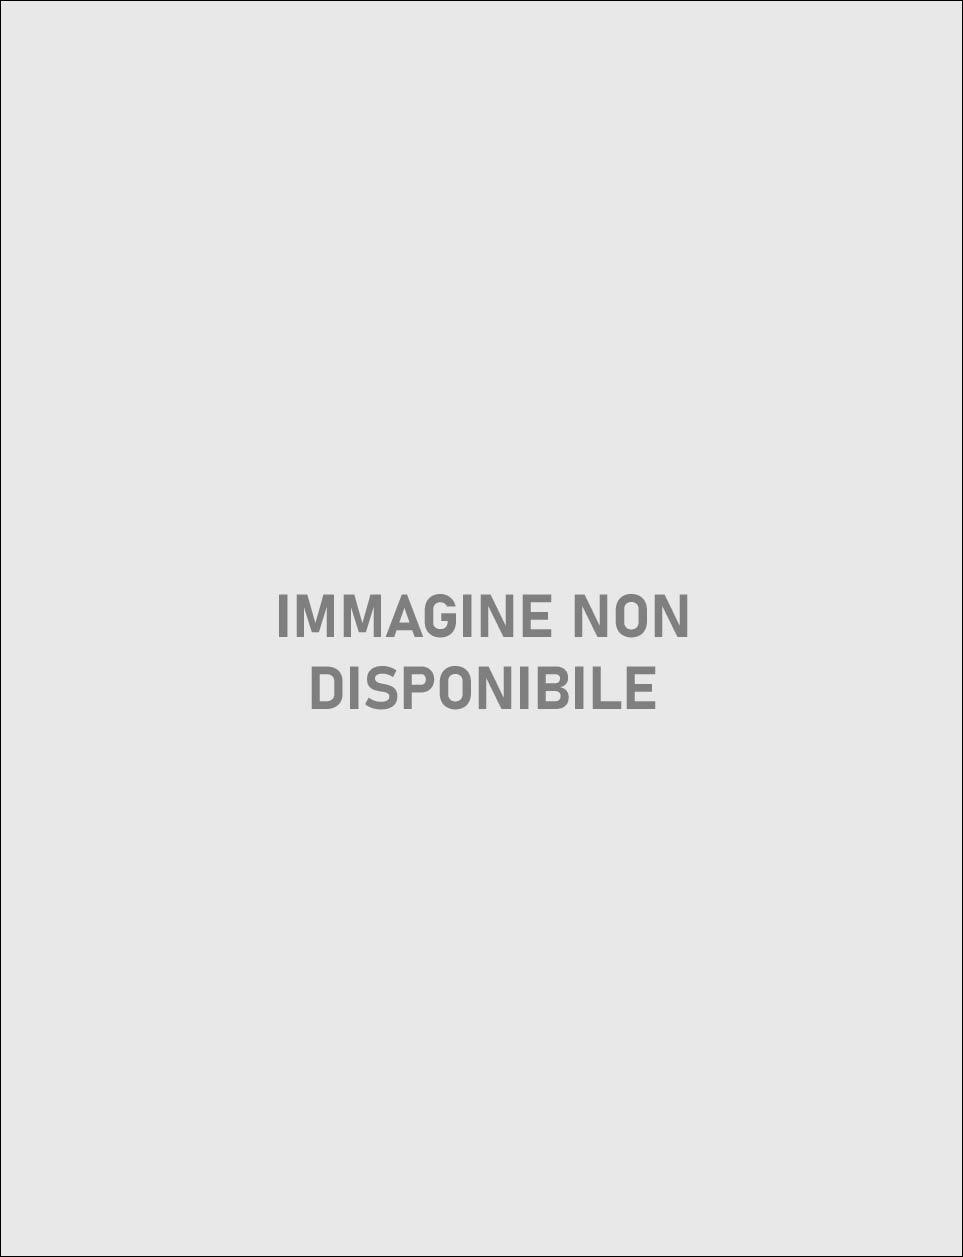 Camicia casual Nero